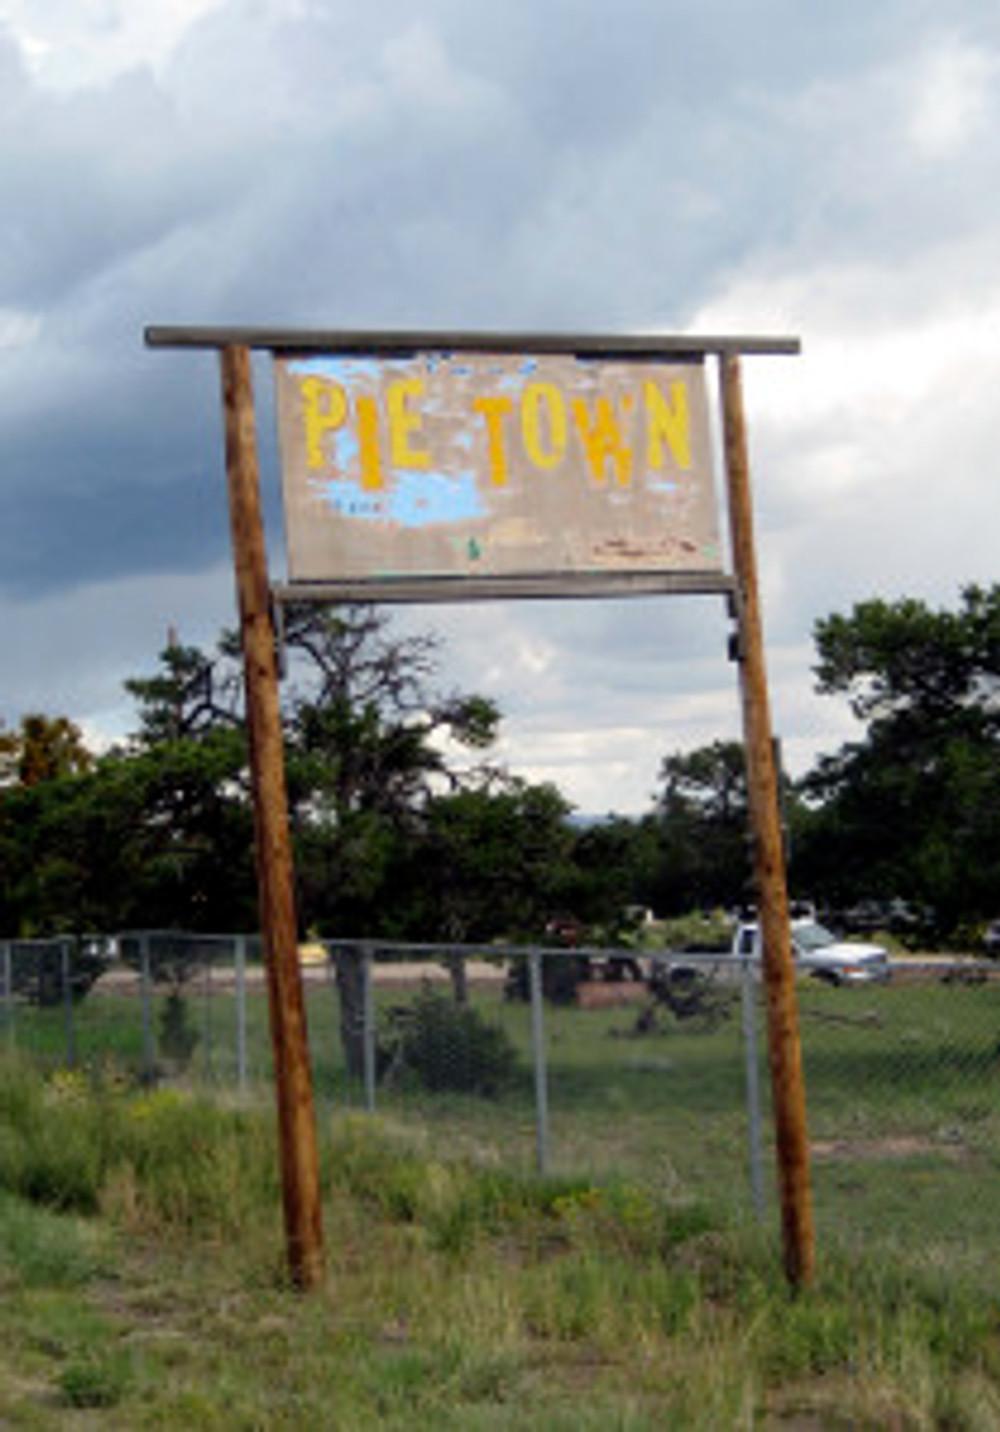 Pietown